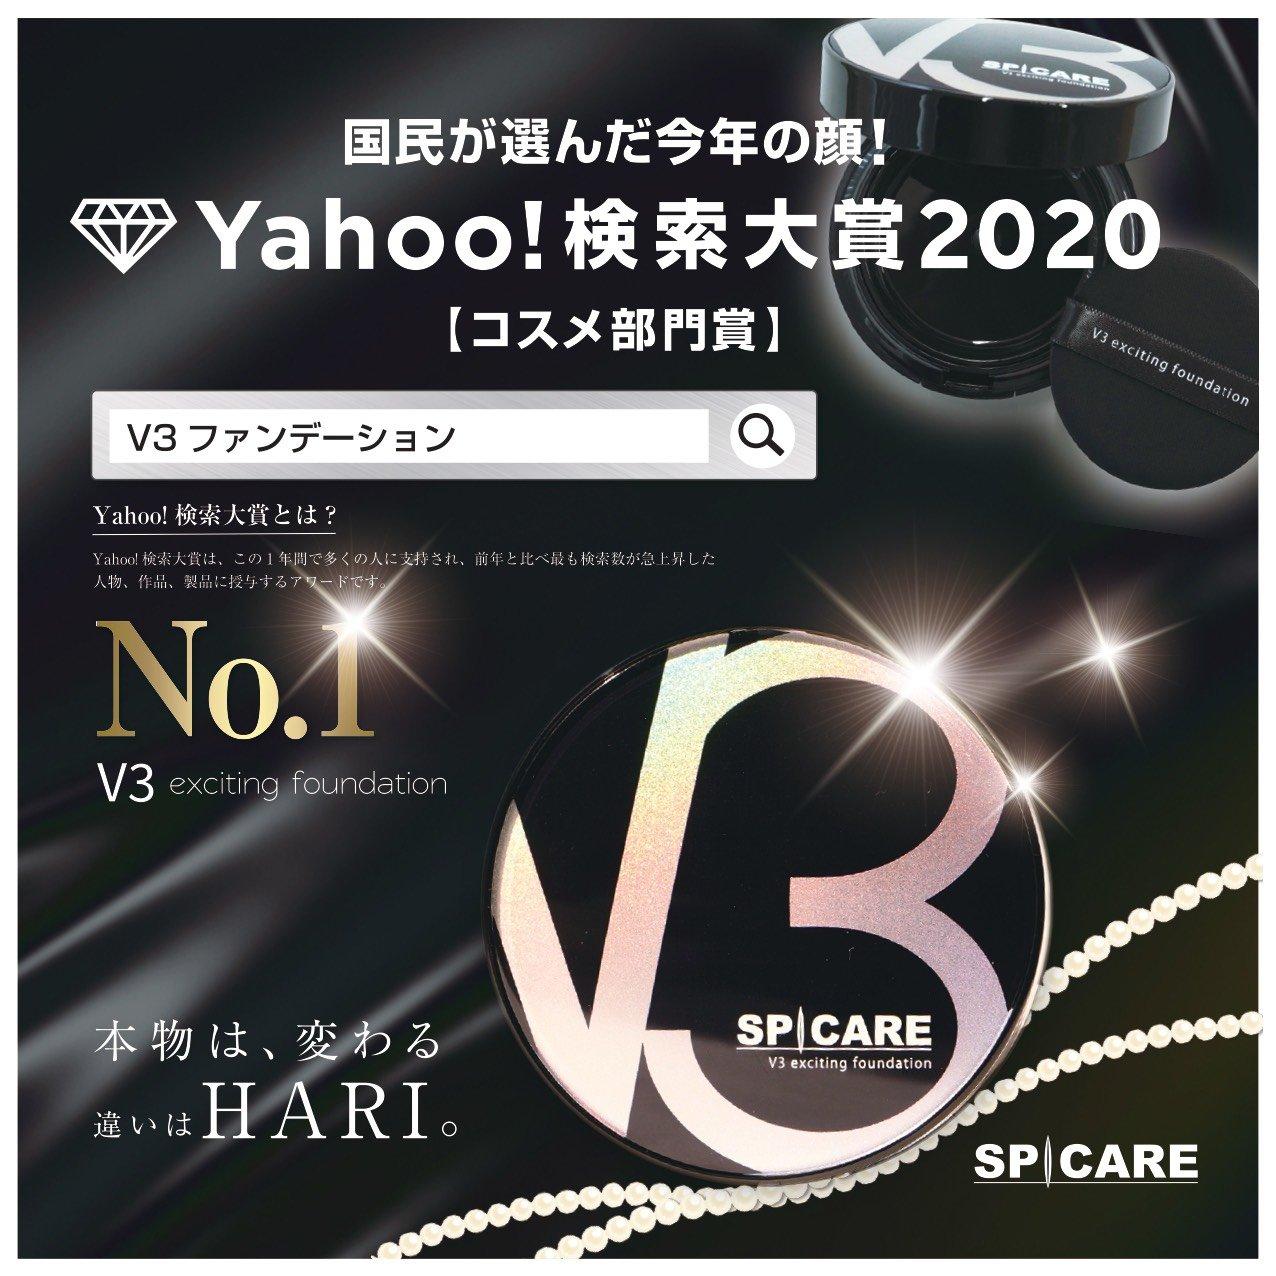 ファンデーション 肌荒れ v3